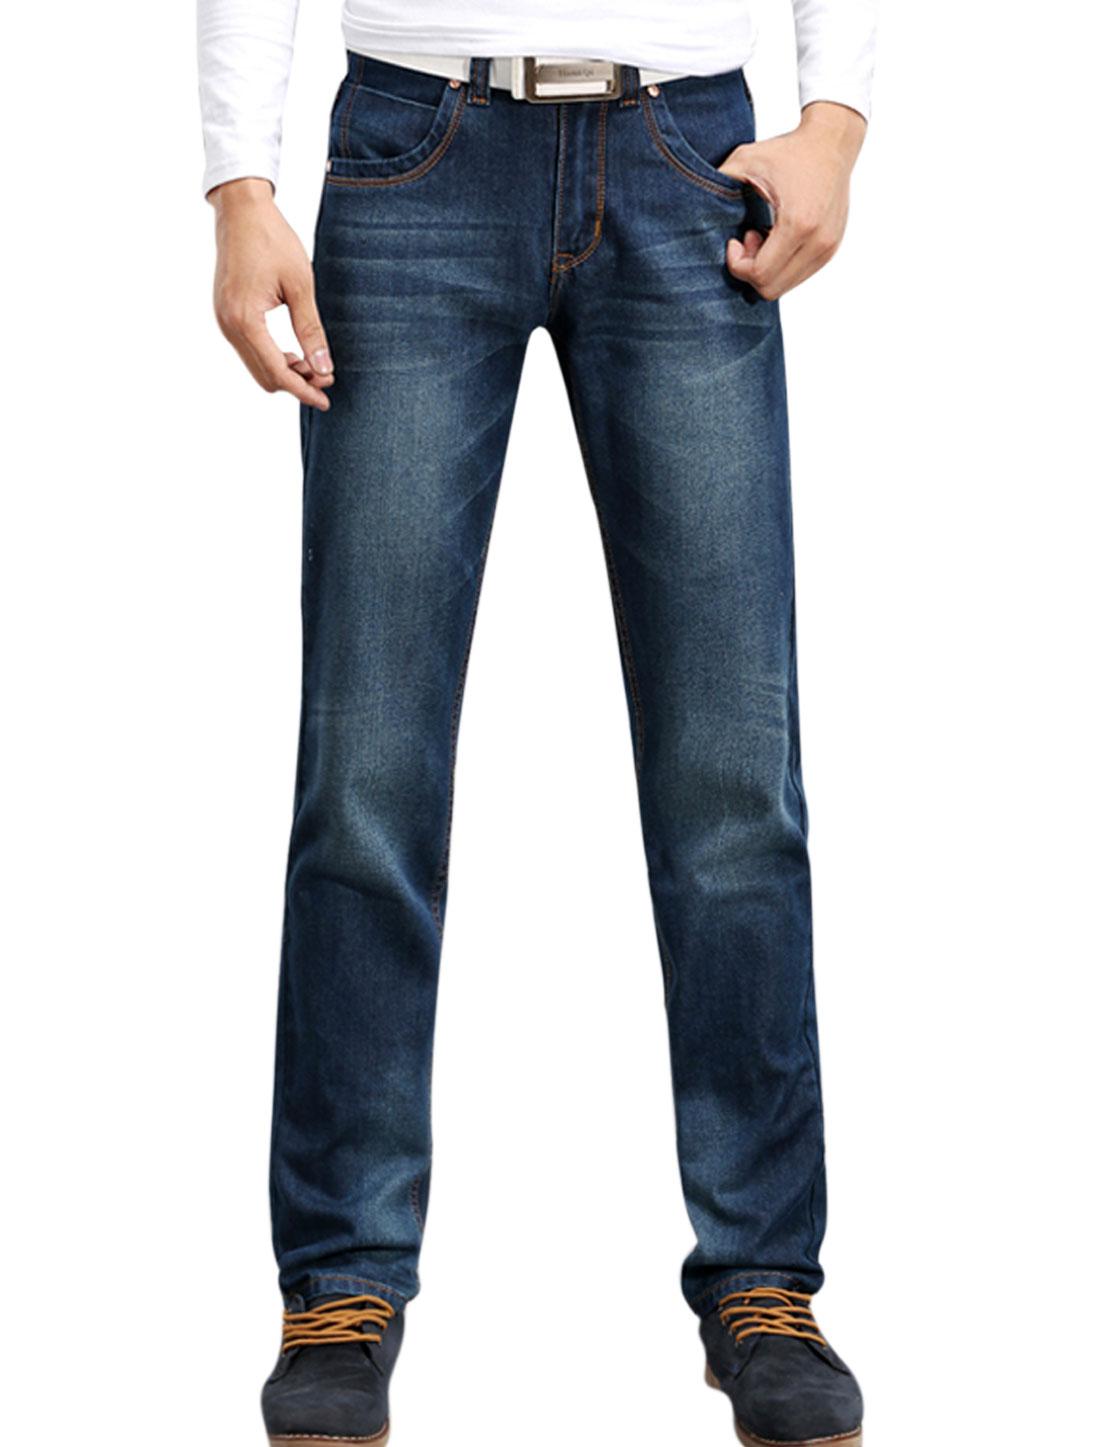 Men Navy Blue Mid Waist Zip Down Button Closure Hip Pockets Straight Jeans W34